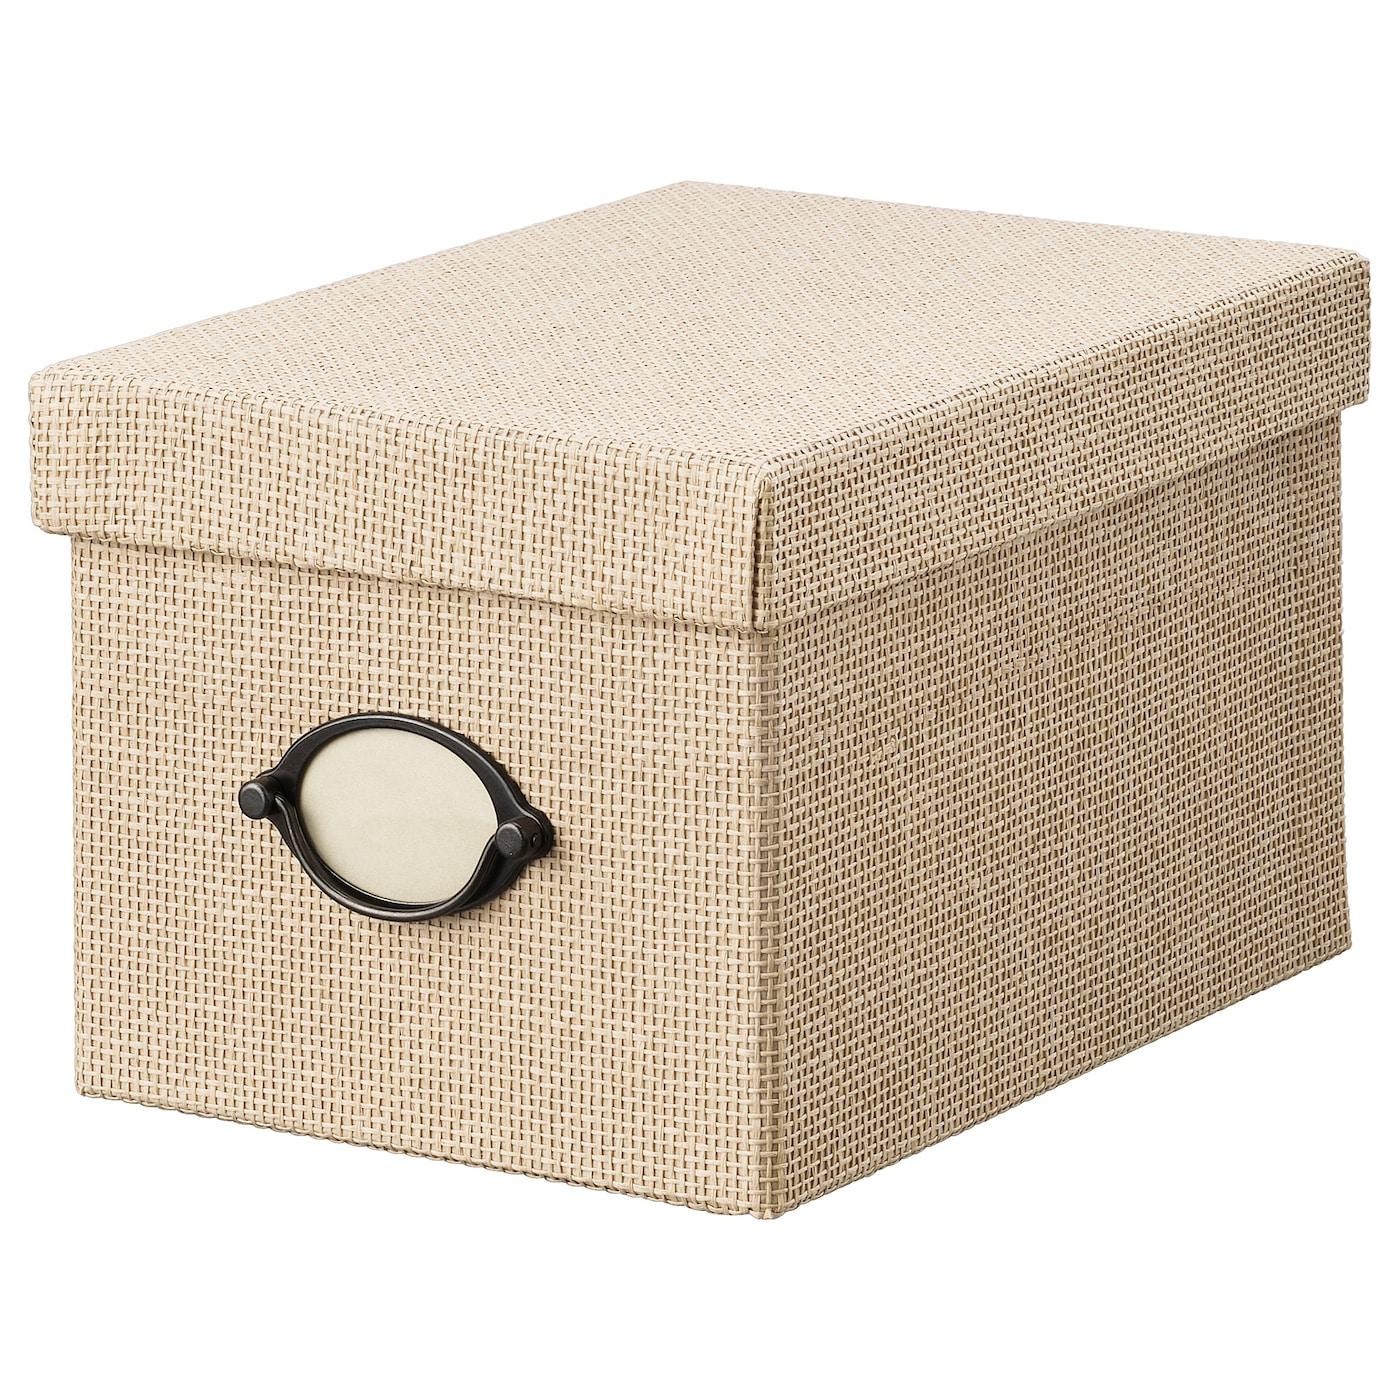 IKEA KVARNVIK Kasten mit Deckel - 25 x 18 x 15 cm - beige